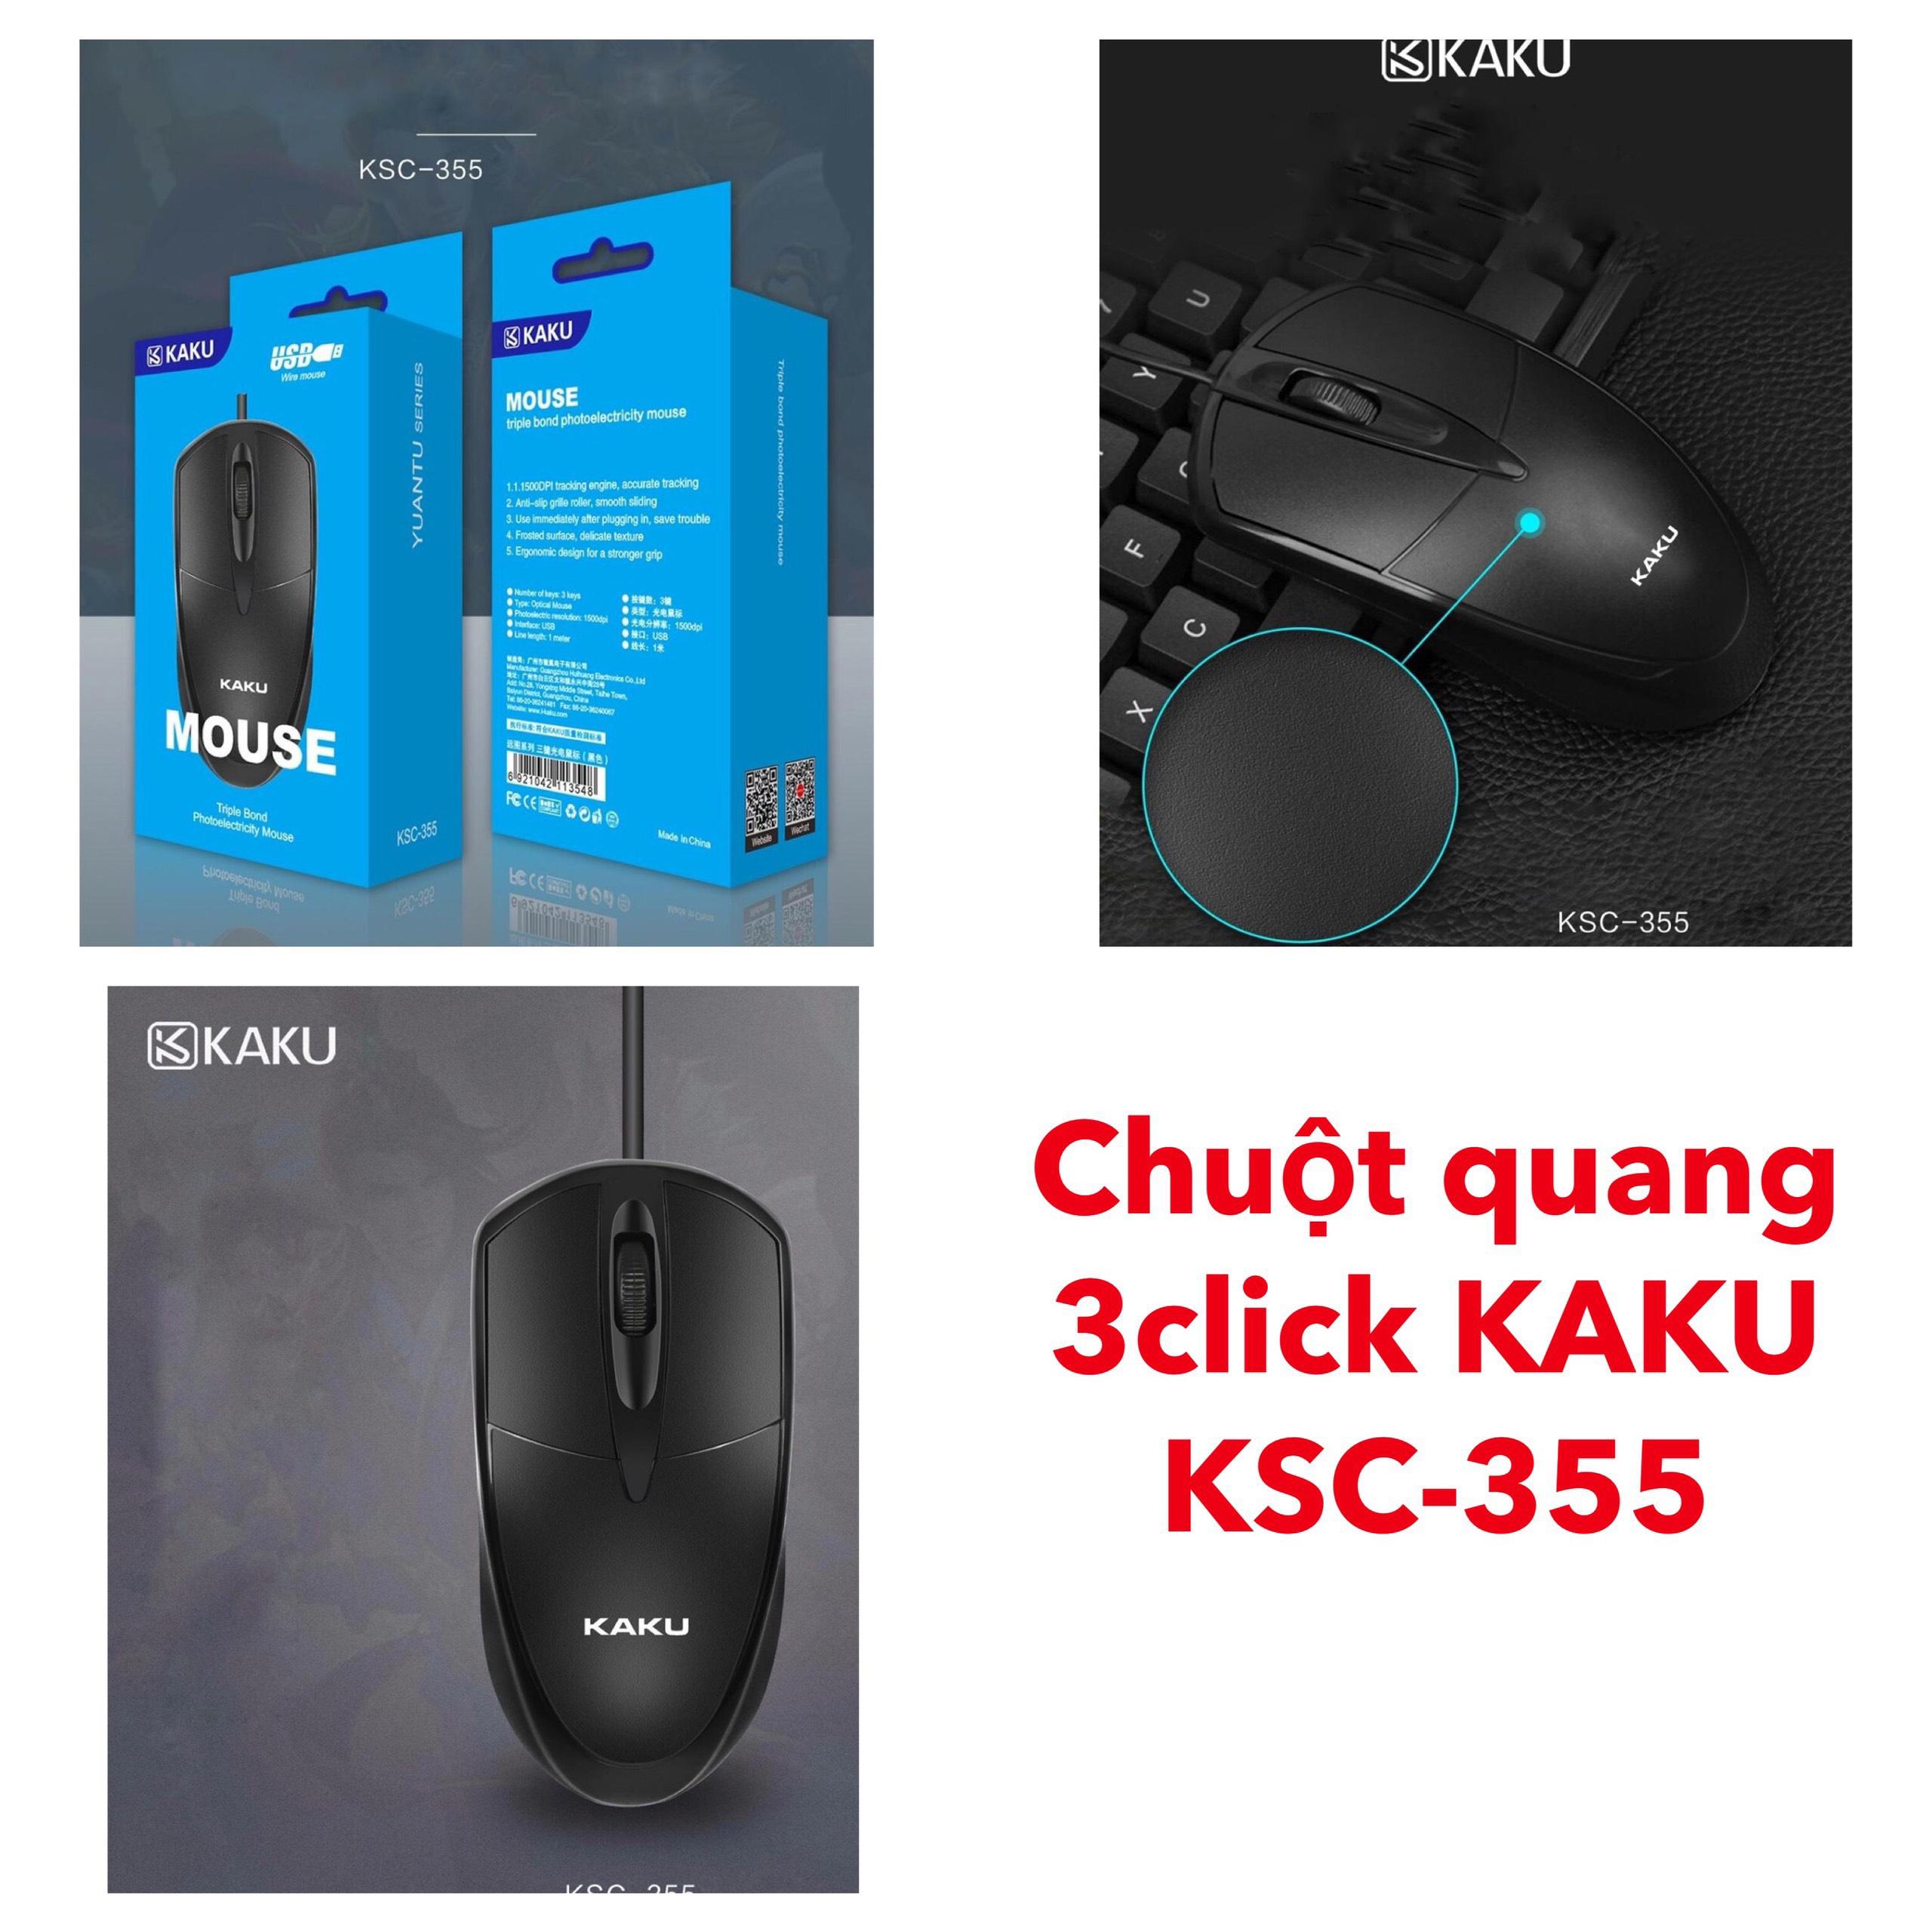 Chuột quang 3 nút Click KAKU-KSC-355